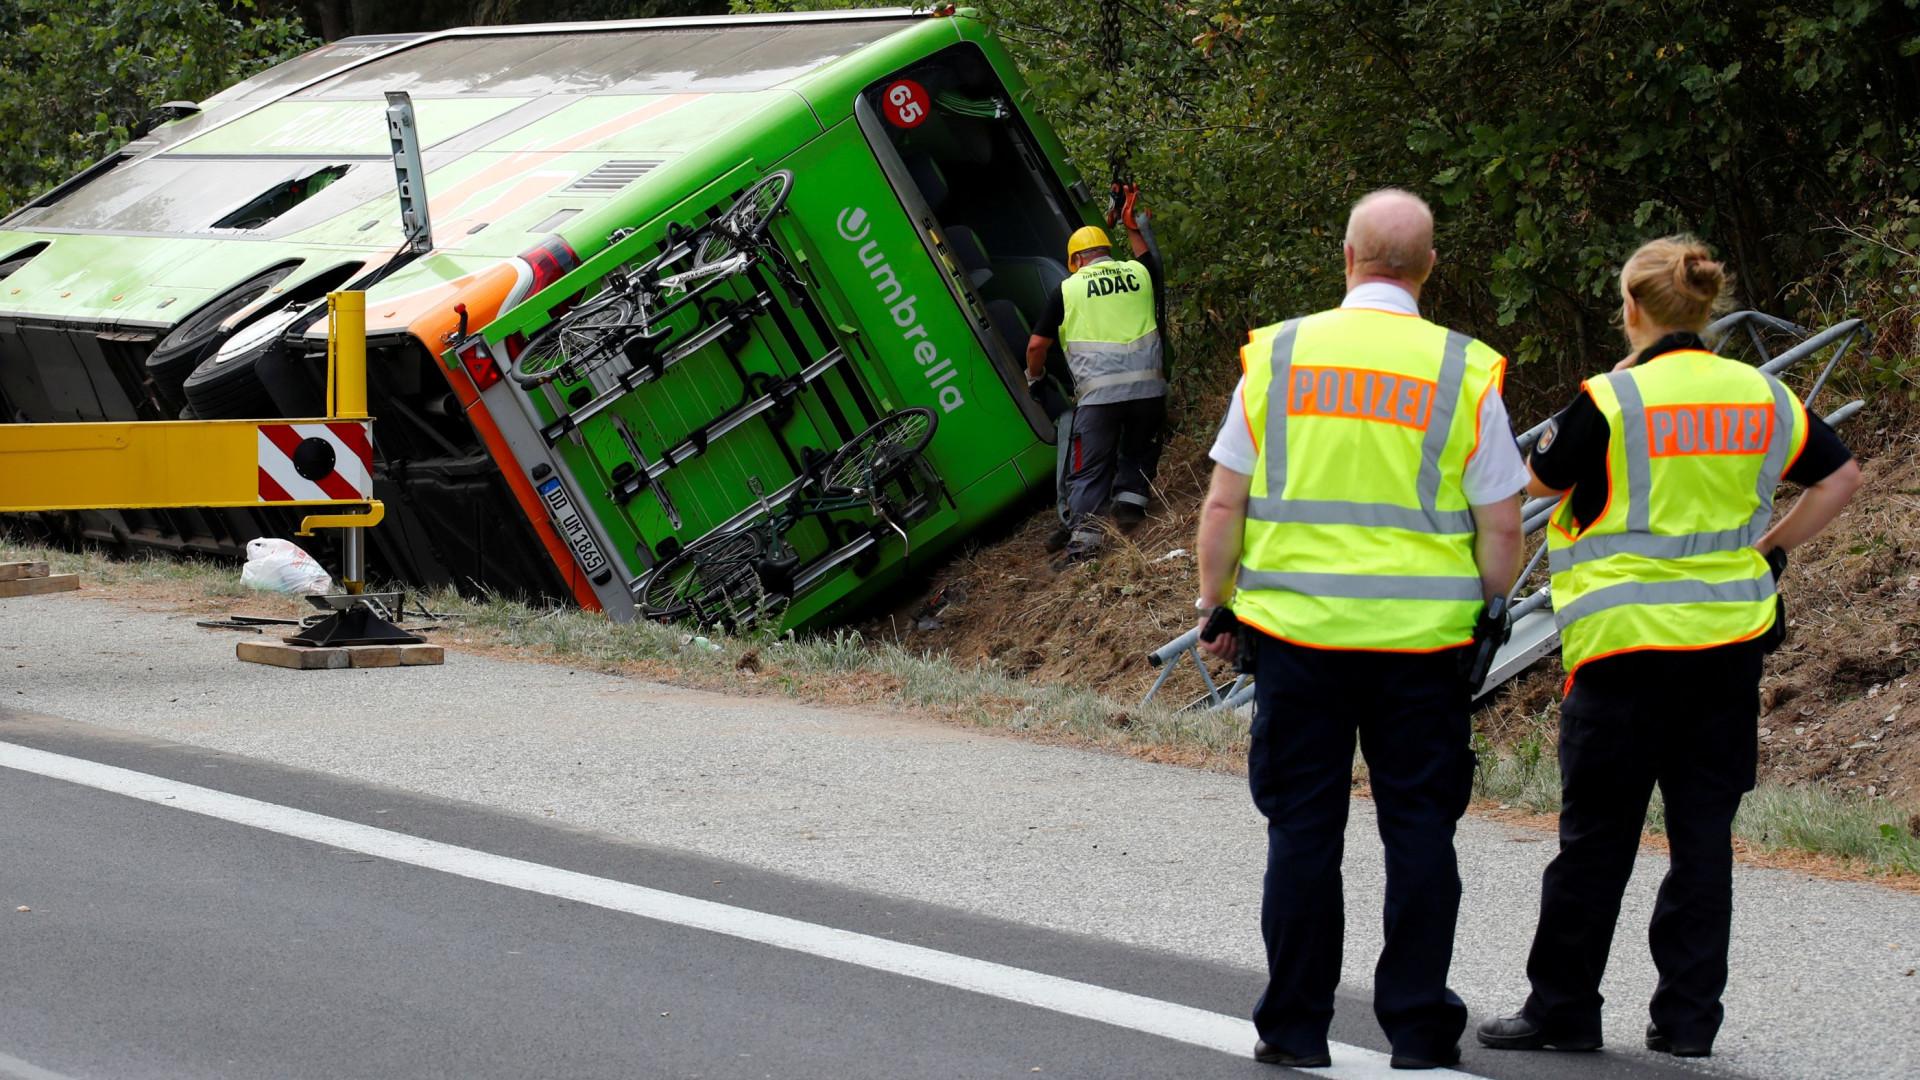 Balanço de feridos no acidente com autocarro na Alemanha sobe para 16